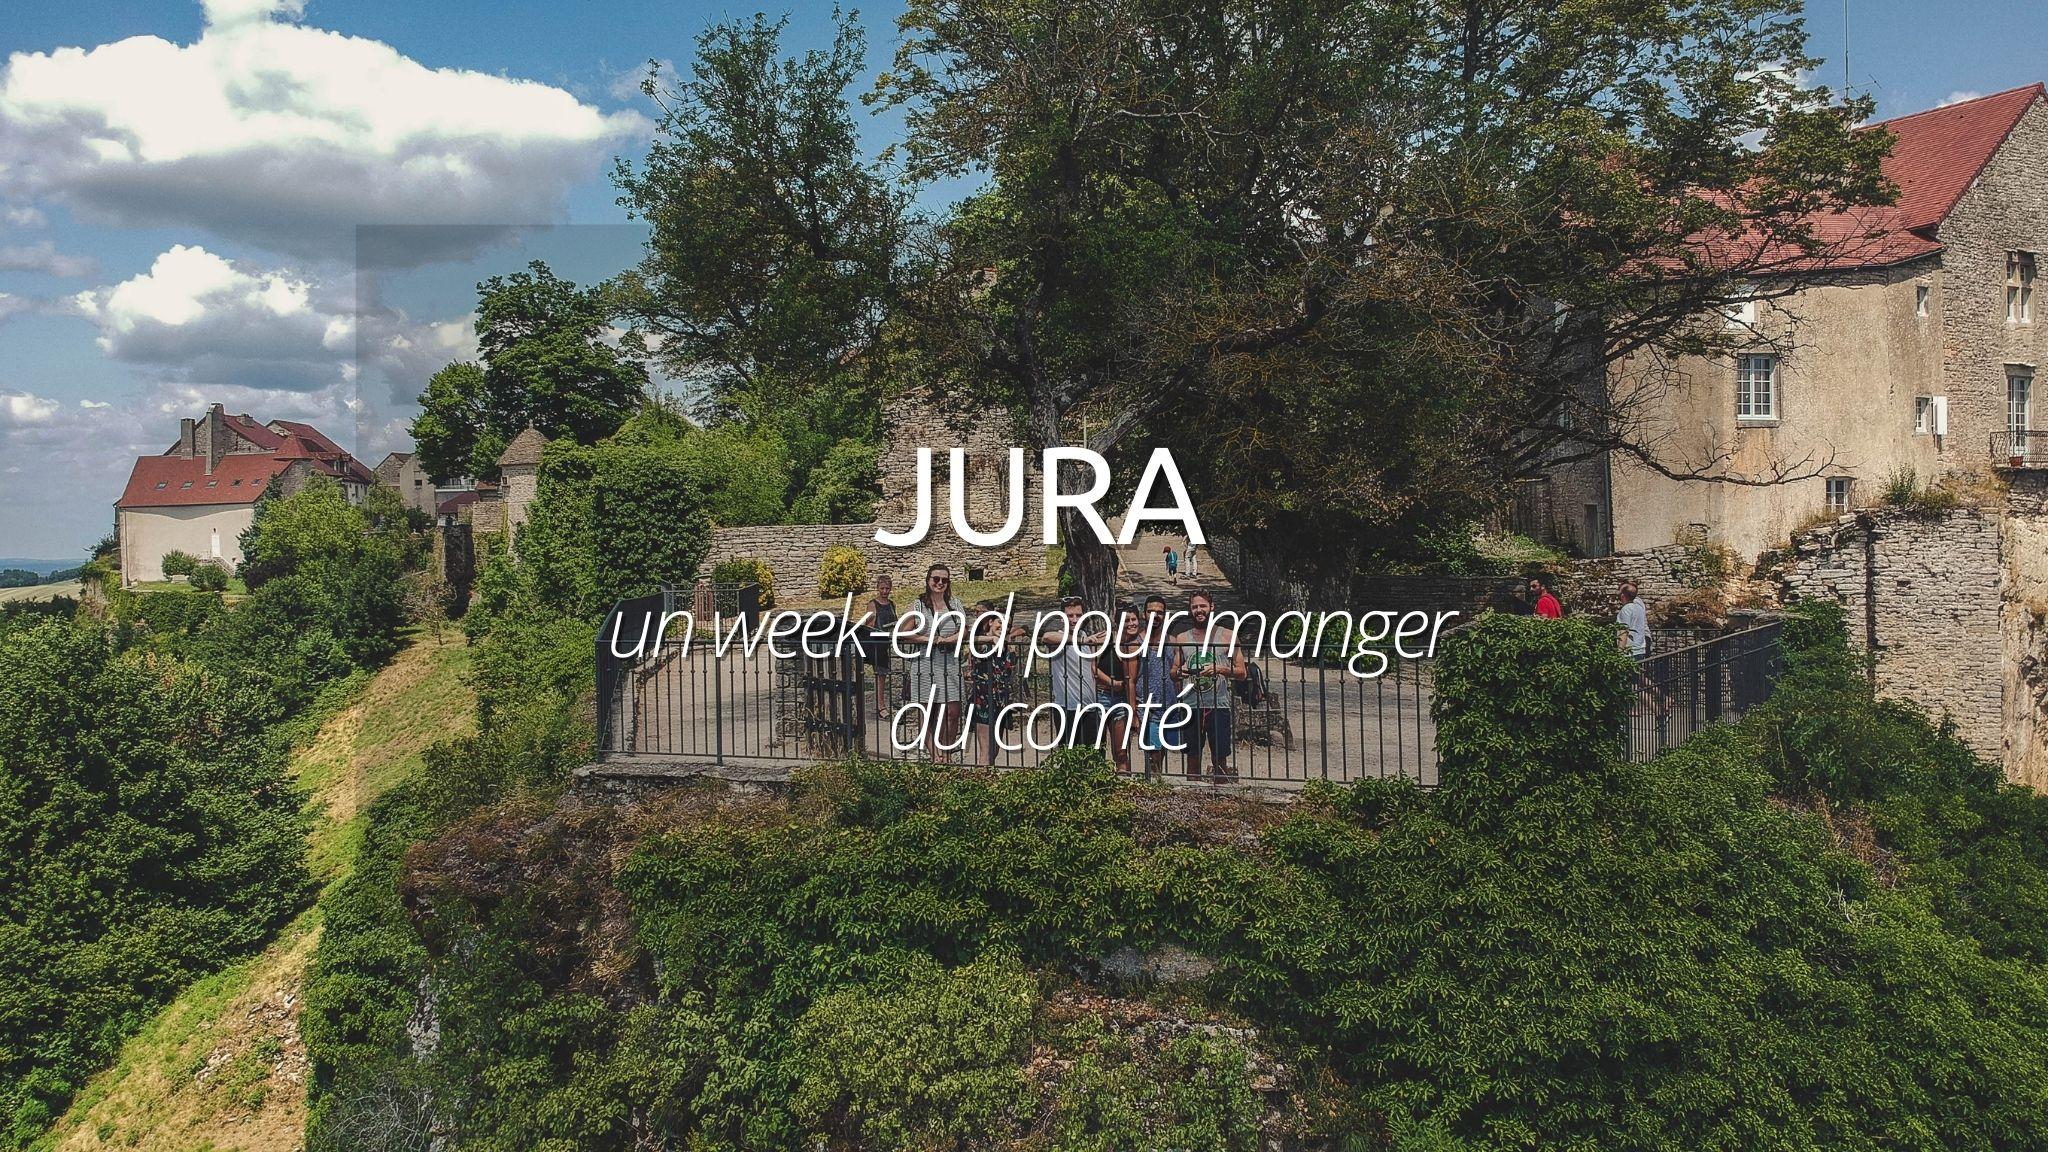 Week-end dans le Jura : découvrir cette région française entre lacs et montagnes